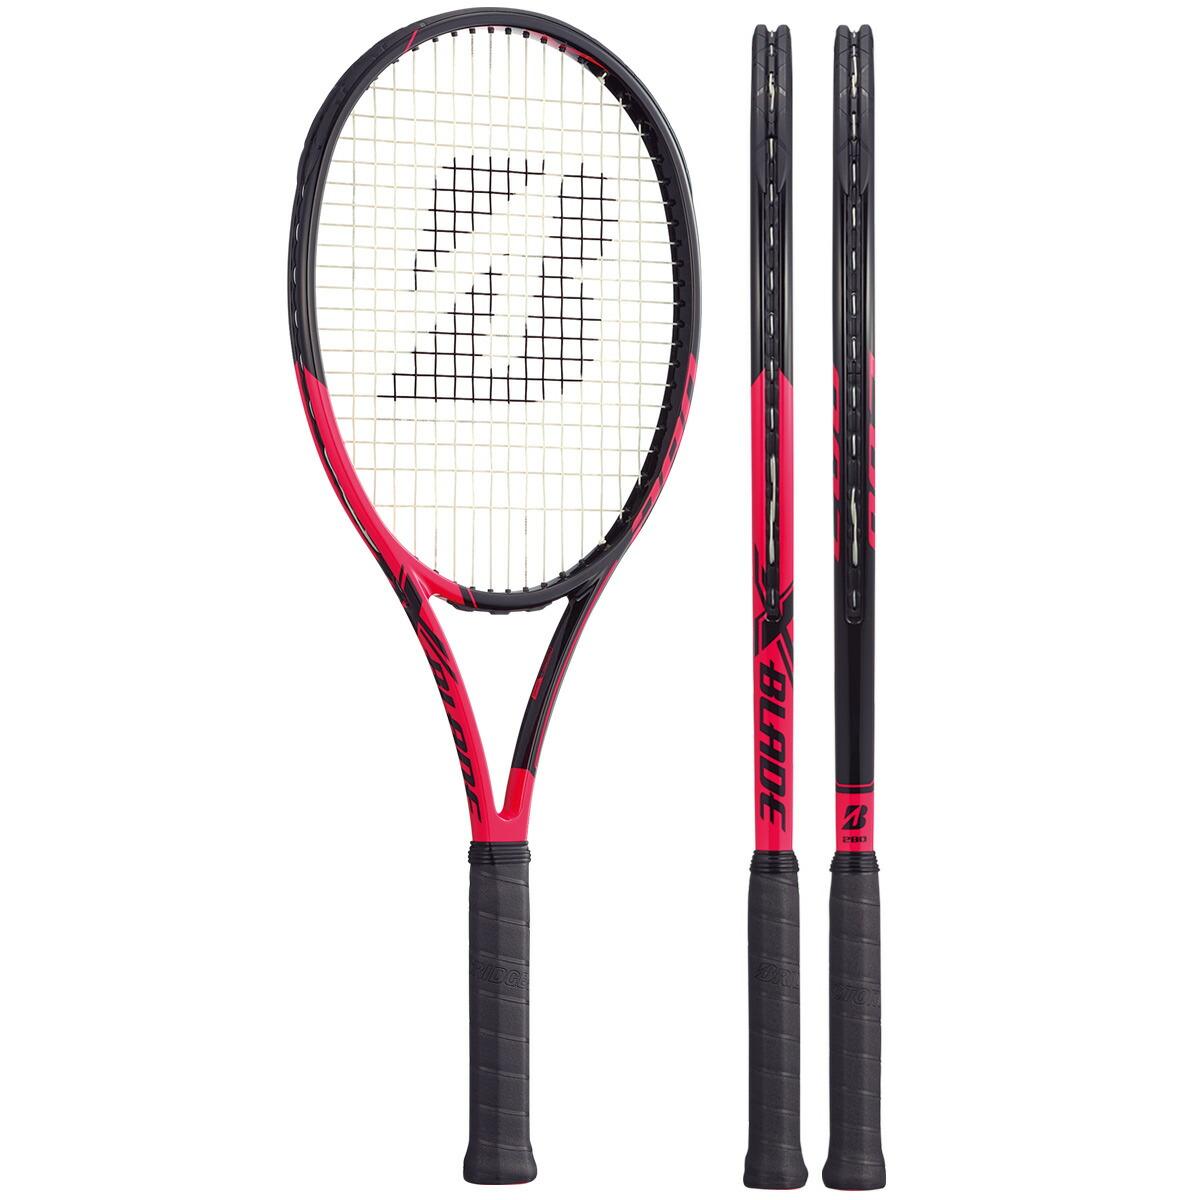 WRZ847894 トラベラーホイールドコーチダッフル TRAVELER WHEELED COACH DUFFEL テニス バドミントン キャリーバッグ グレー×レッド Wilson (ウイルソン)